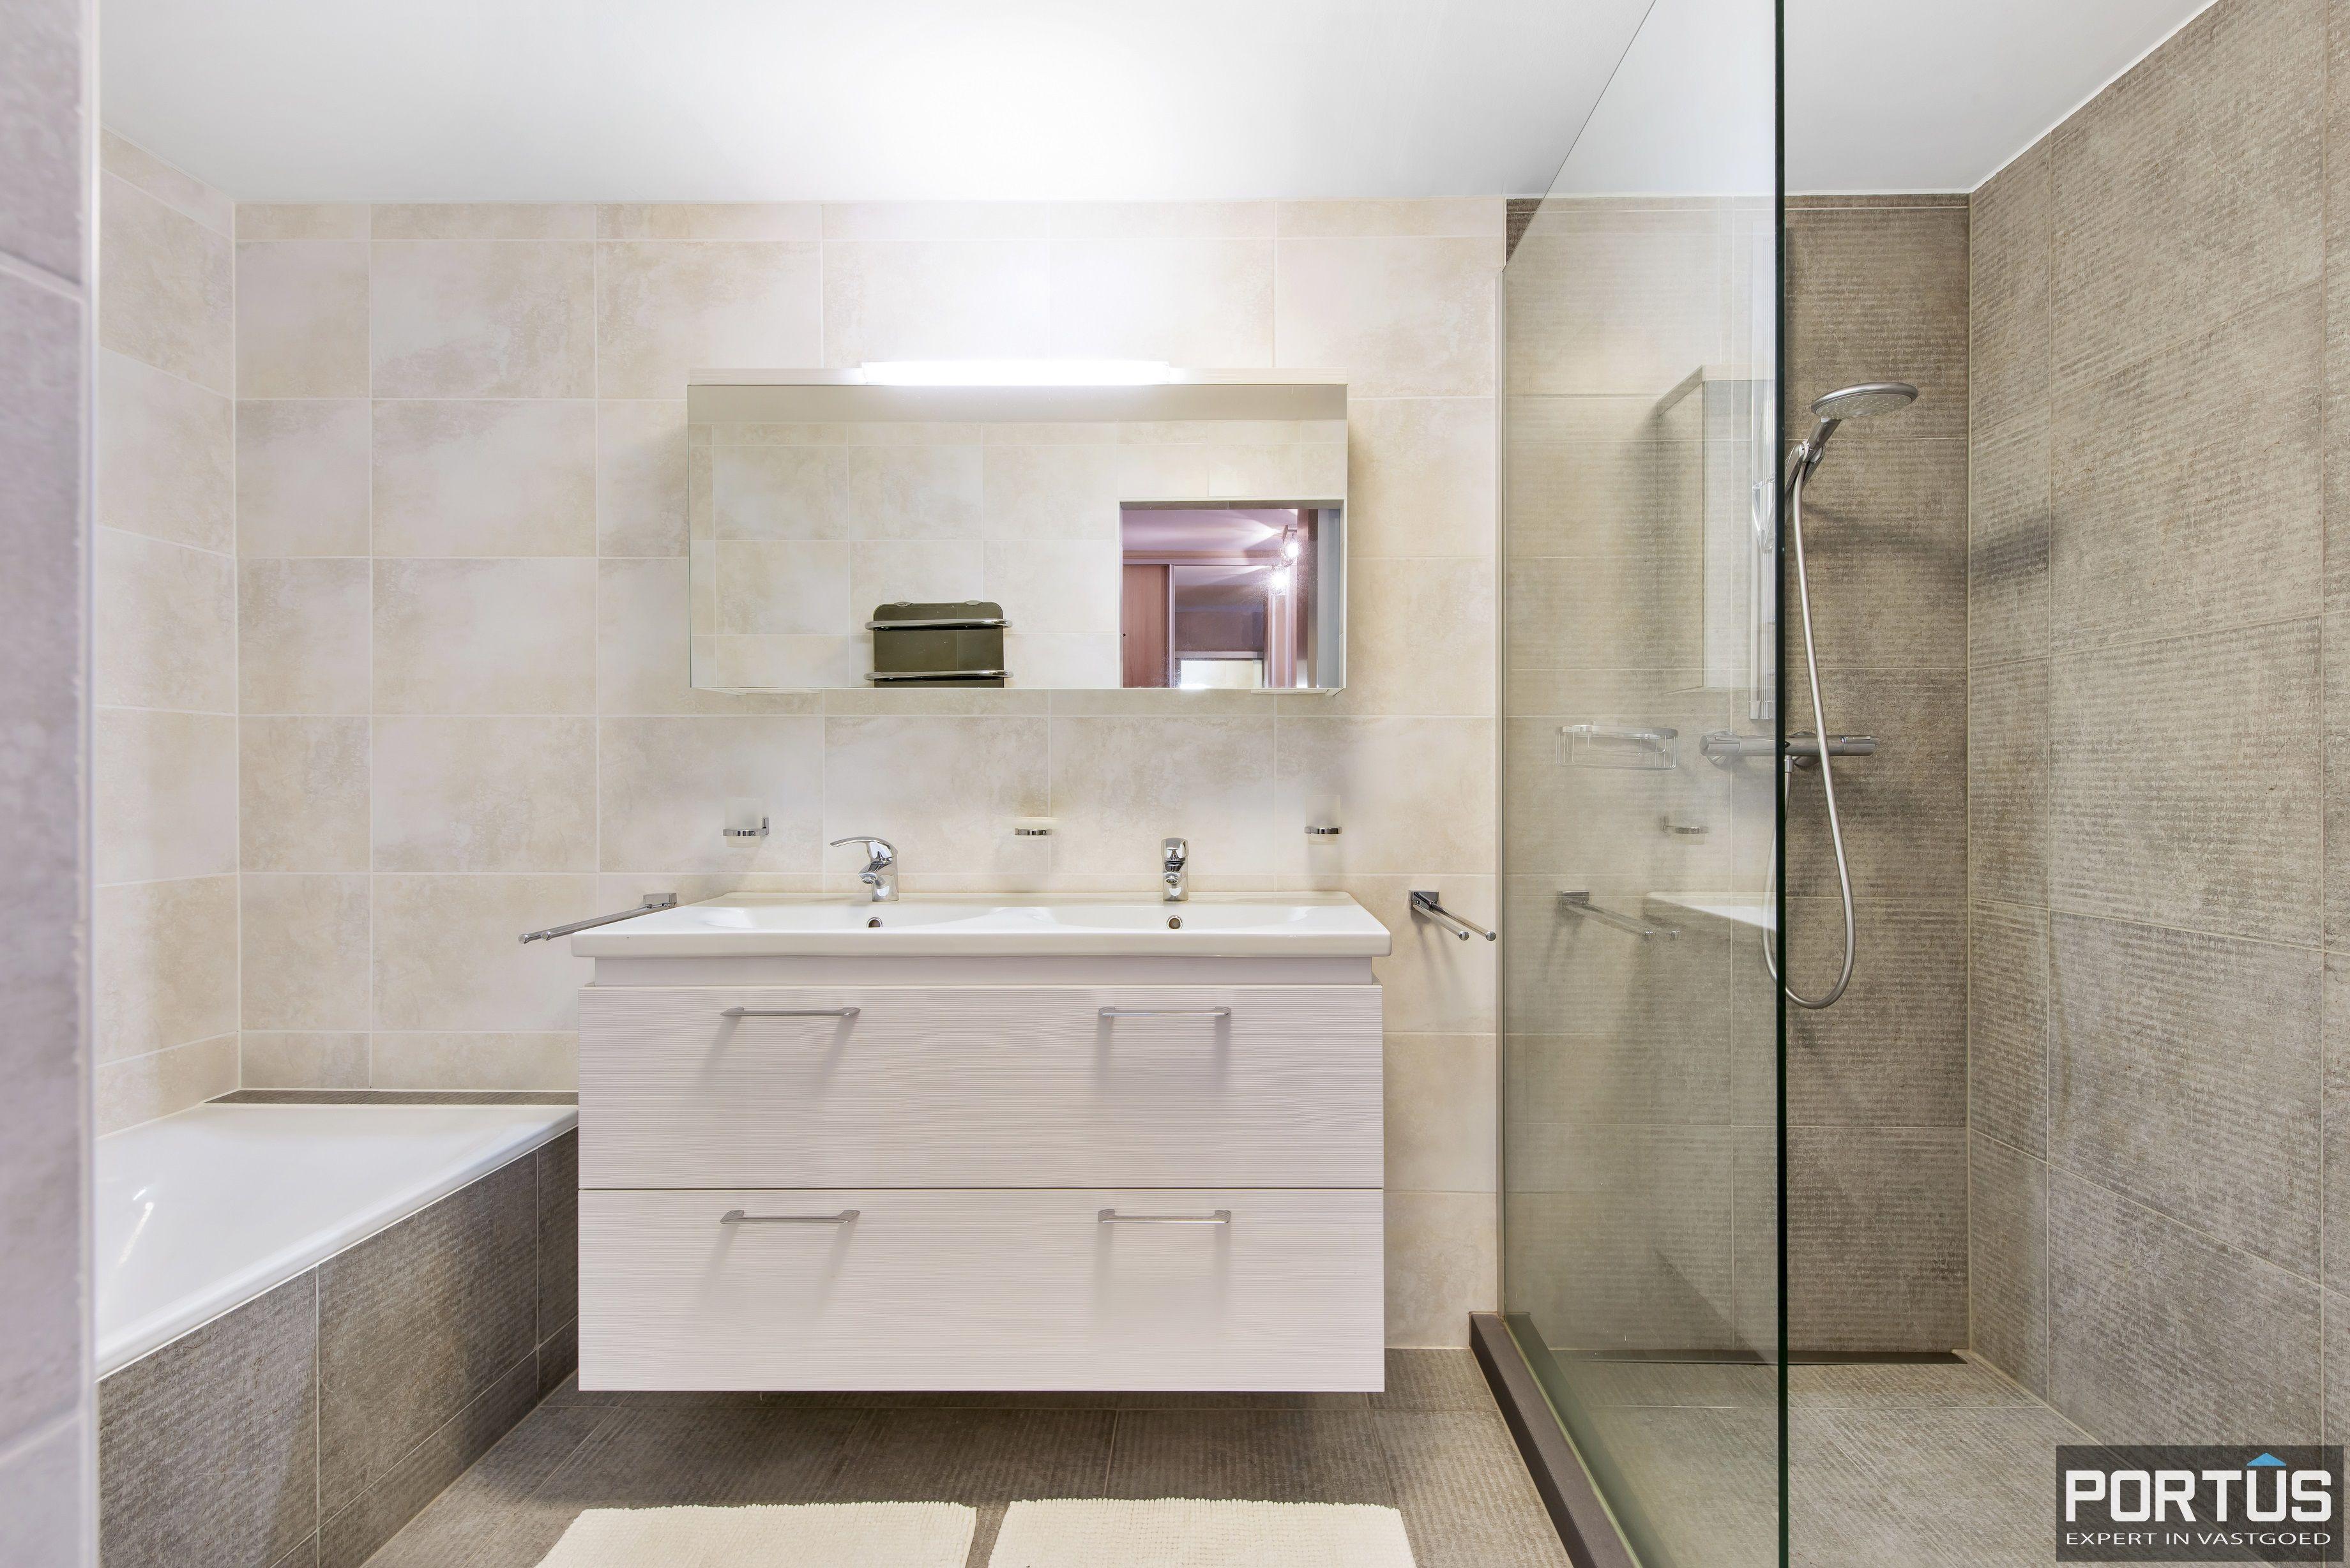 Instapklaar appartement te koop met 2 slaapkamers te Sint-Idesbald - 9413